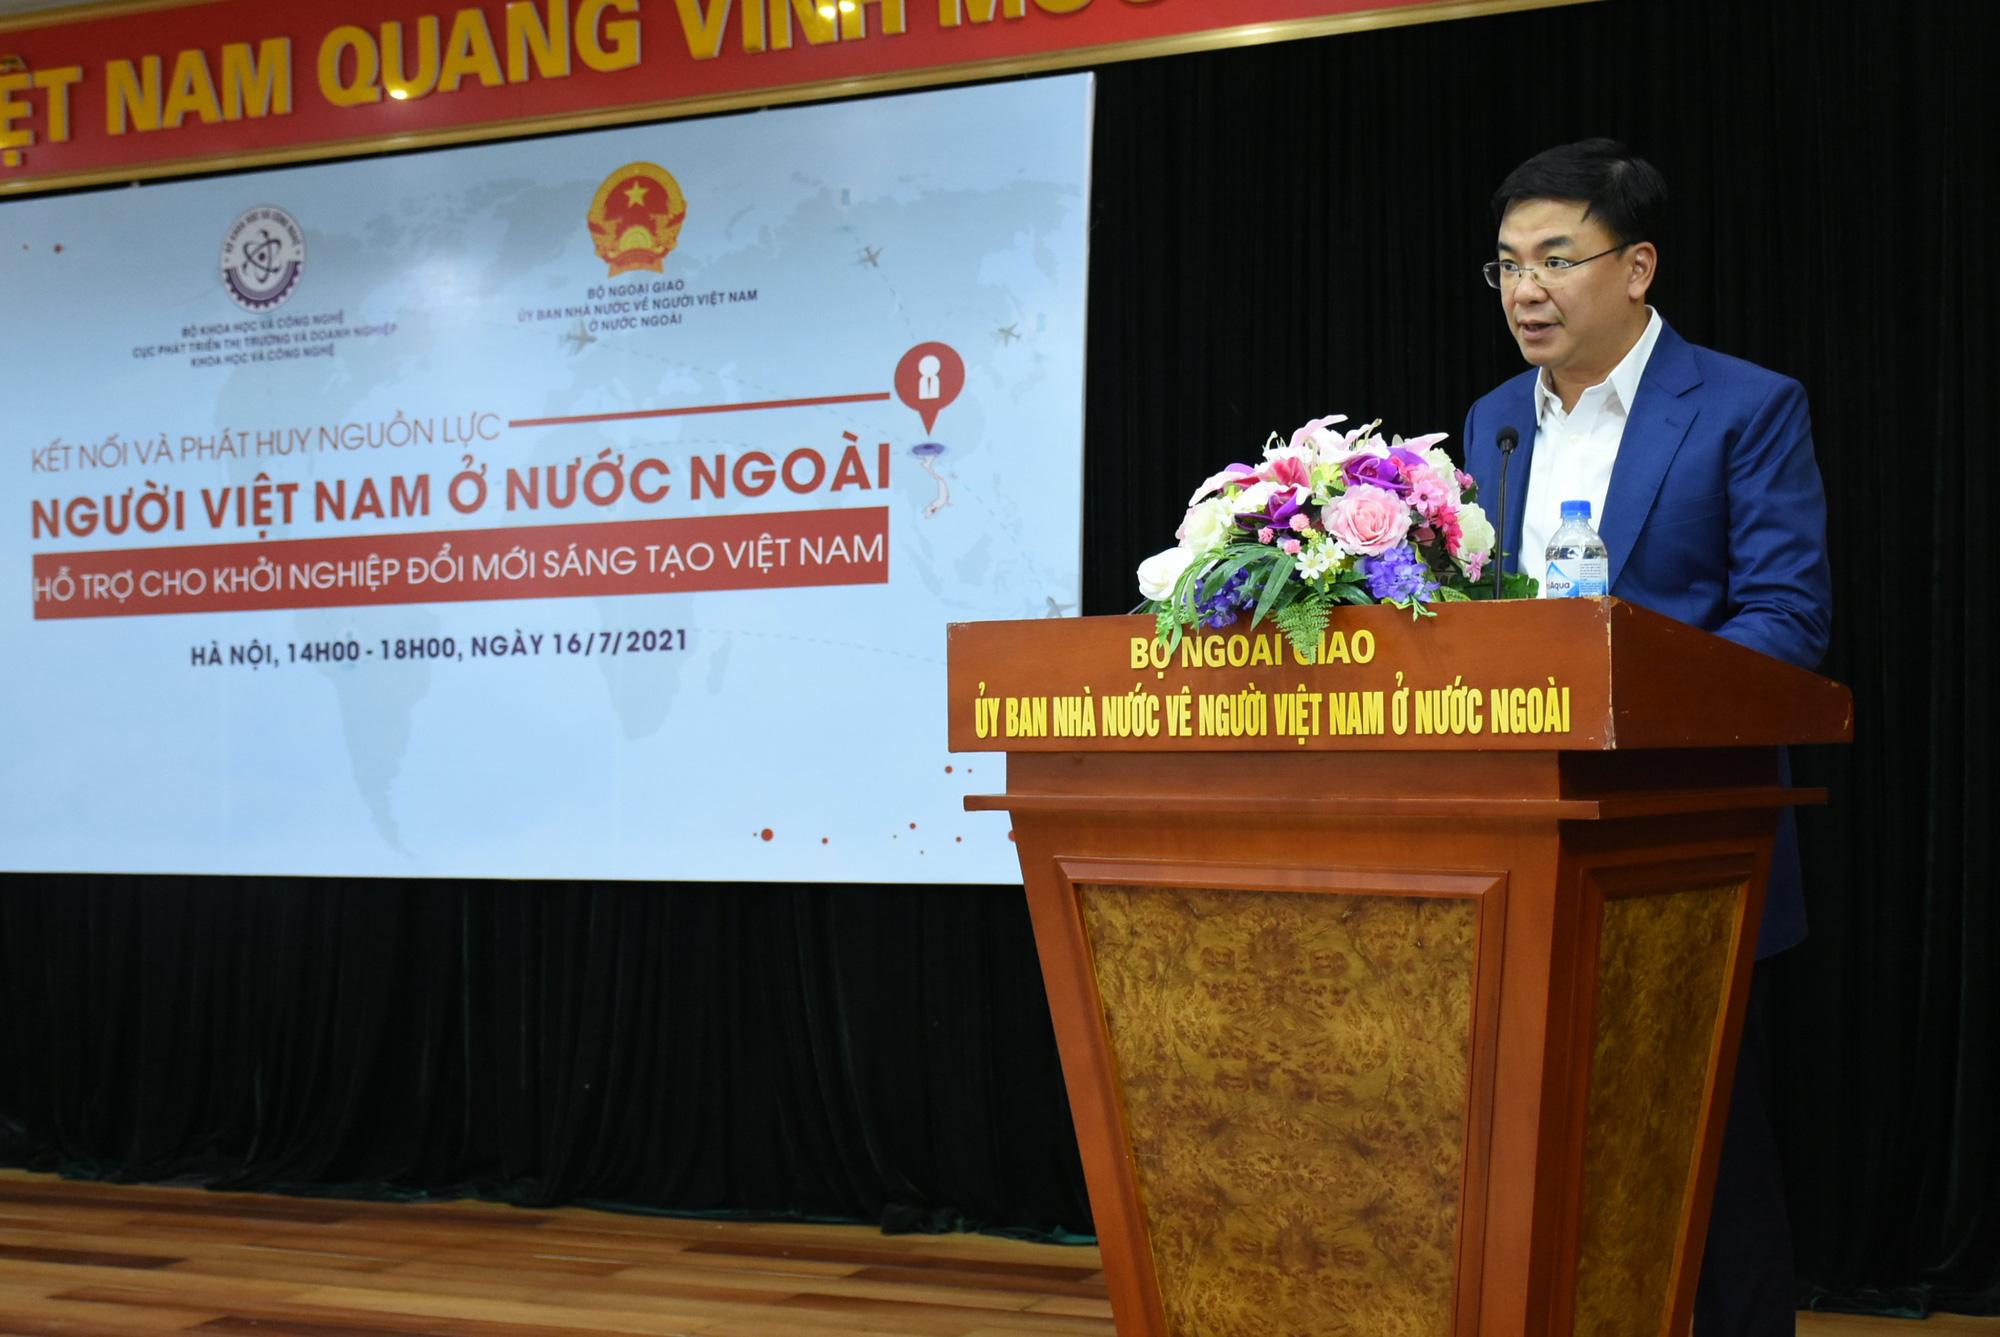 Tập hợp nguồn lực người Việt ở nước ngoài hỗ trợ hệ sinh thái khởi nghiệp của Việt Nam - Ảnh 1.